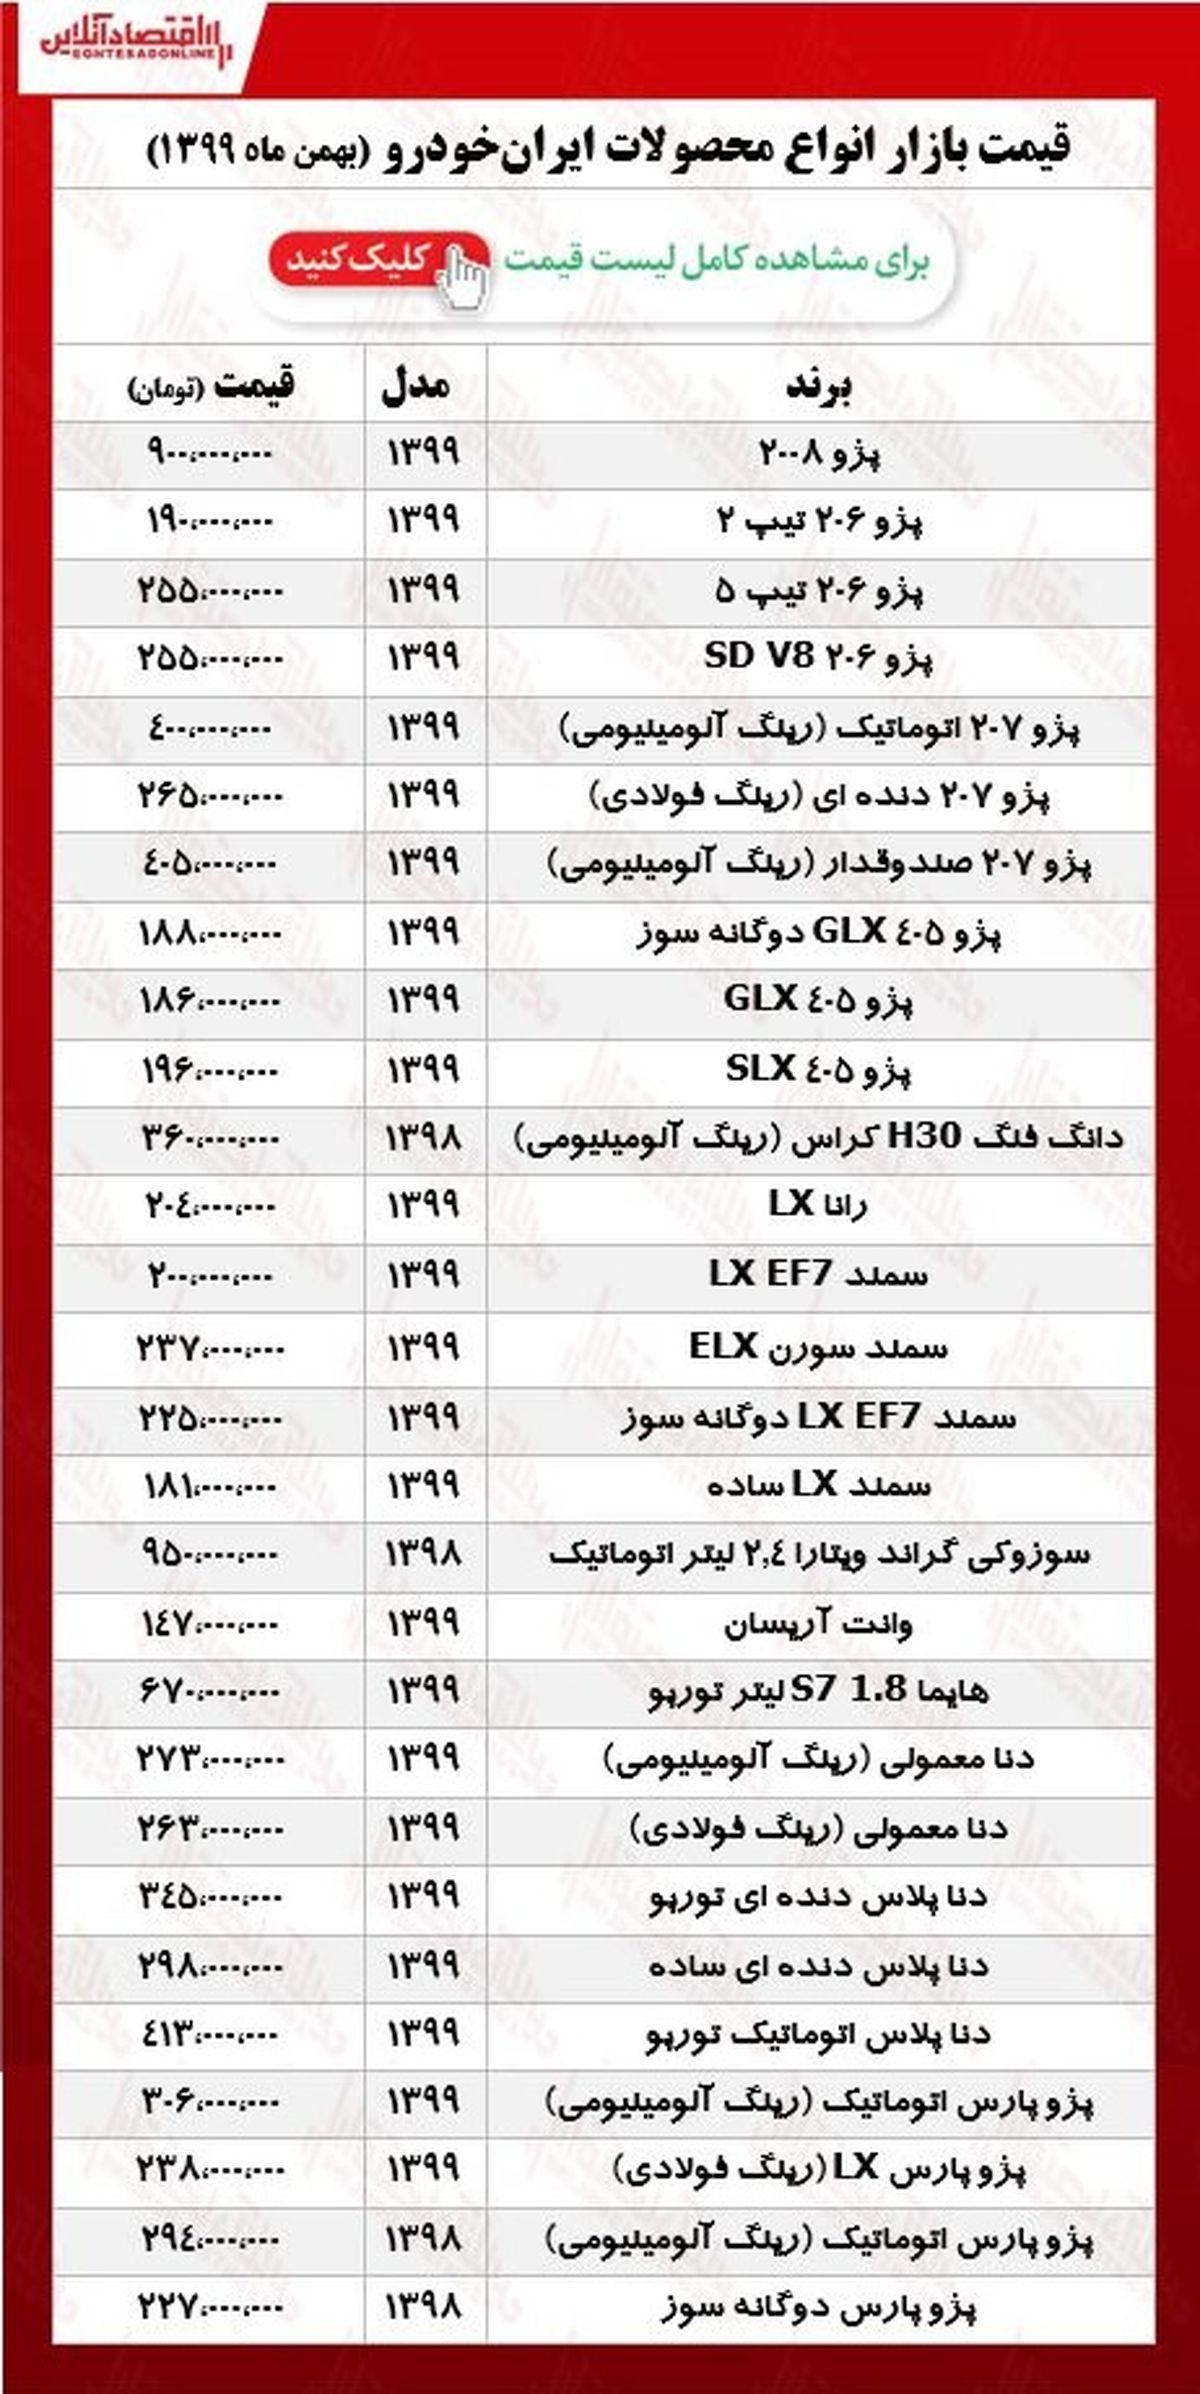 قیمت محصولات ایران خودرو امروز ۹۹/۱۱/۲۱